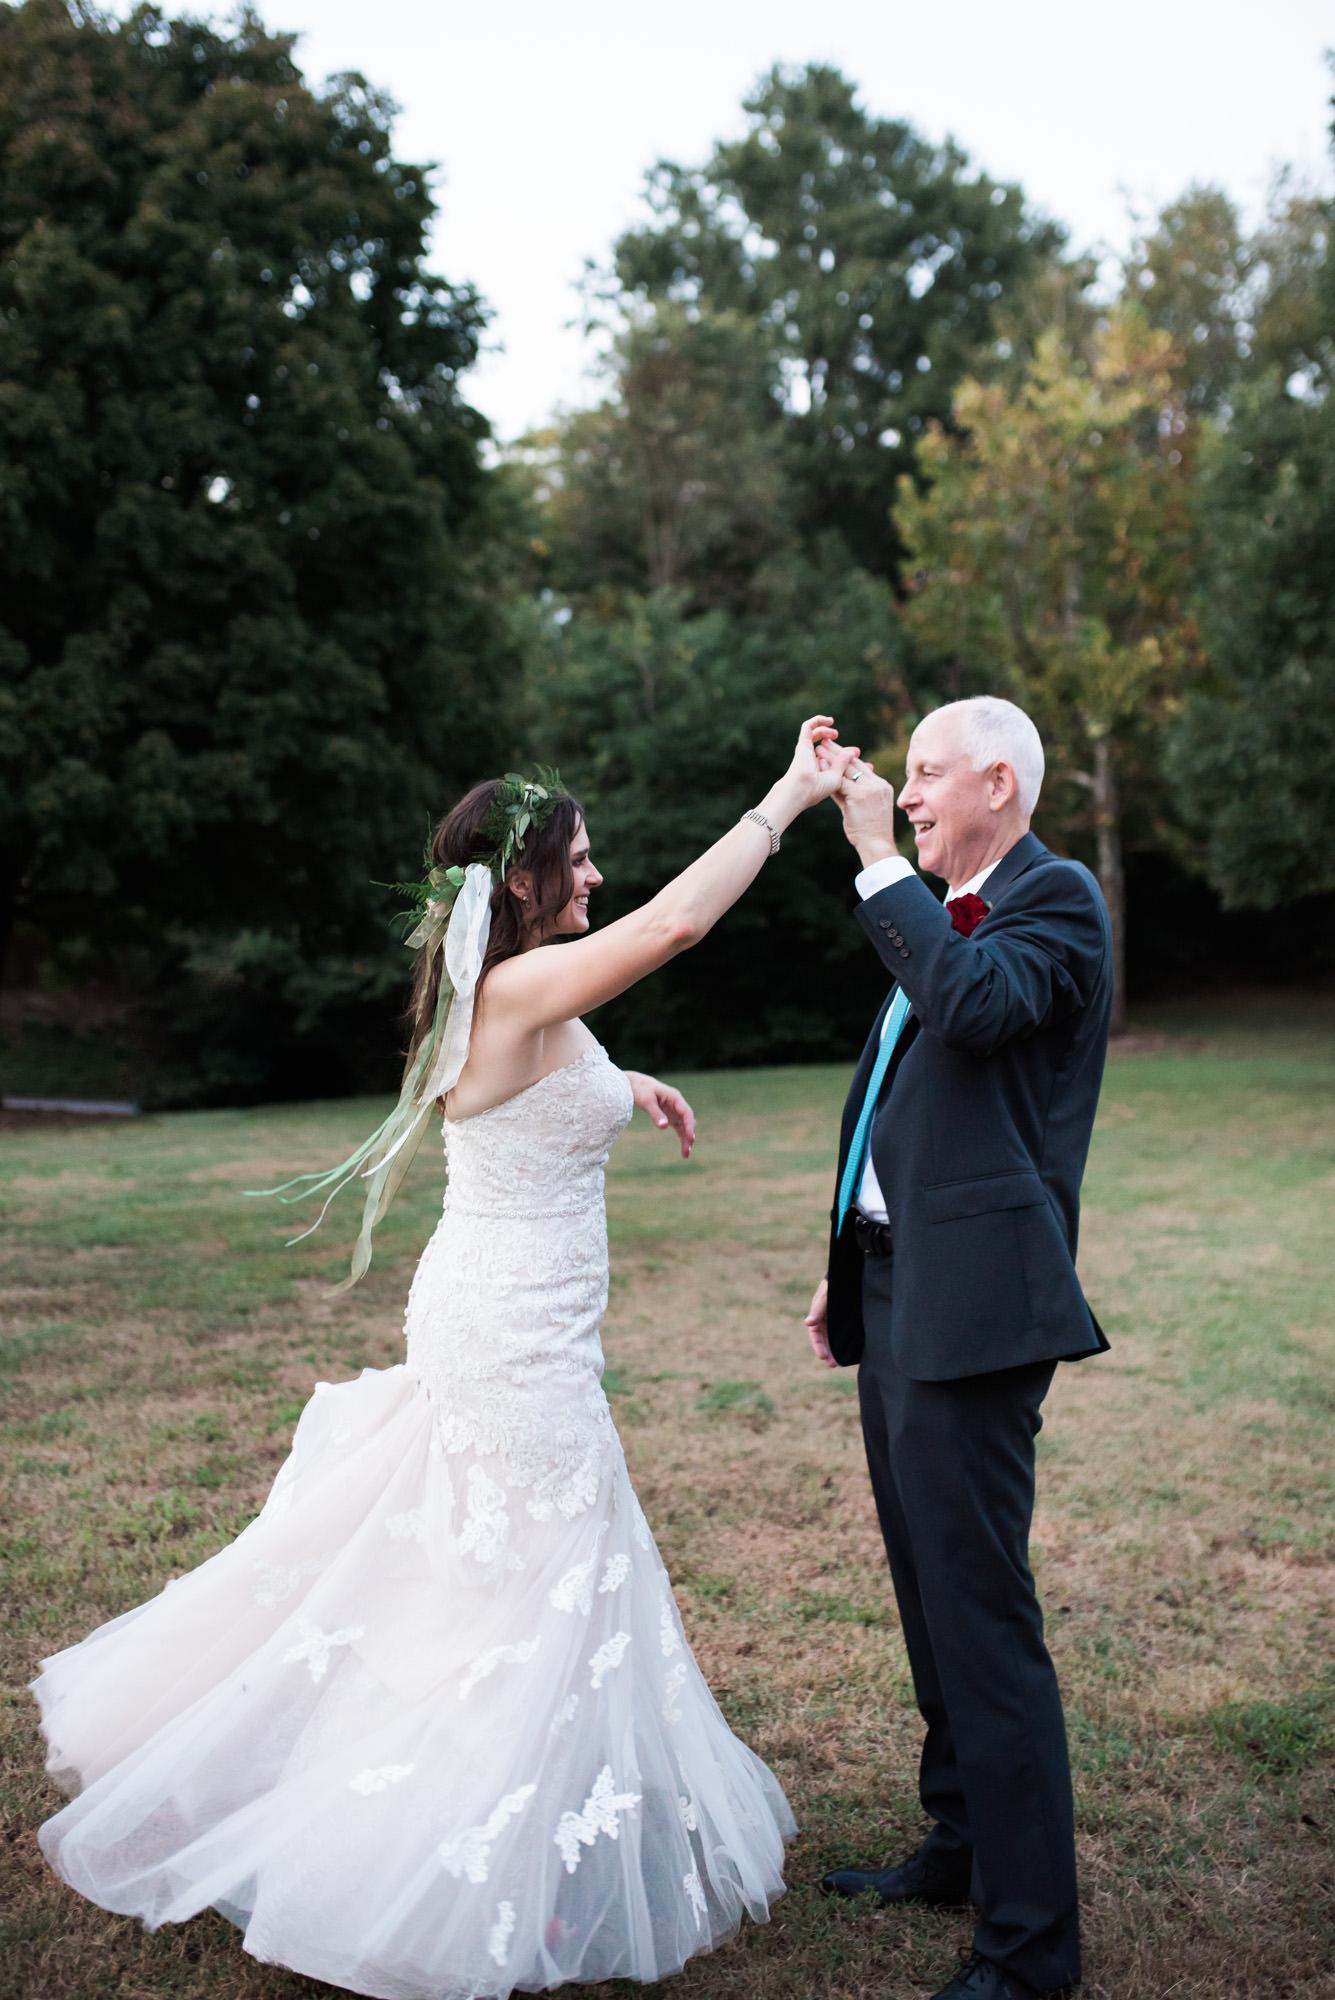 Georgia-wedding-dress-54.jpg